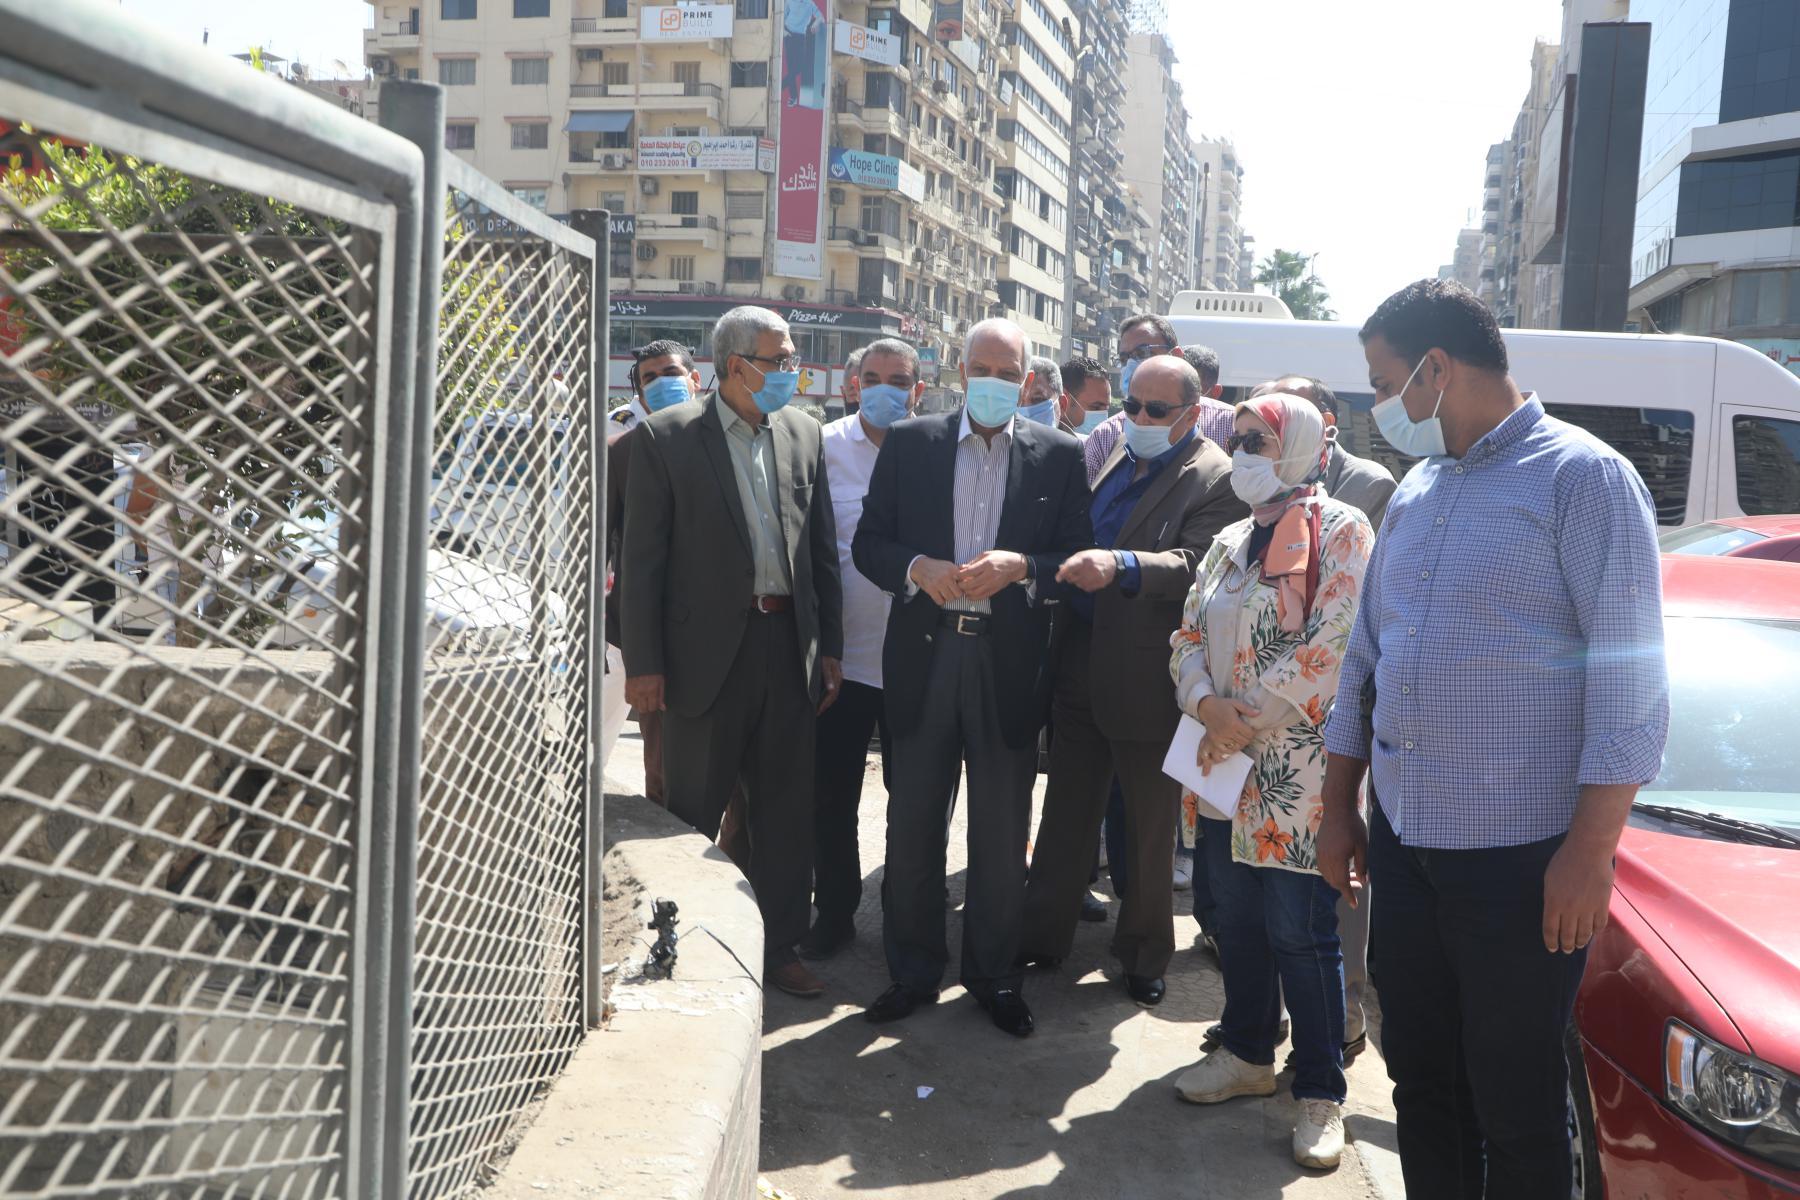 اللواء أحمد راشد محافظ الجيزة يتابع حالة النظافة بالشوارع (1)